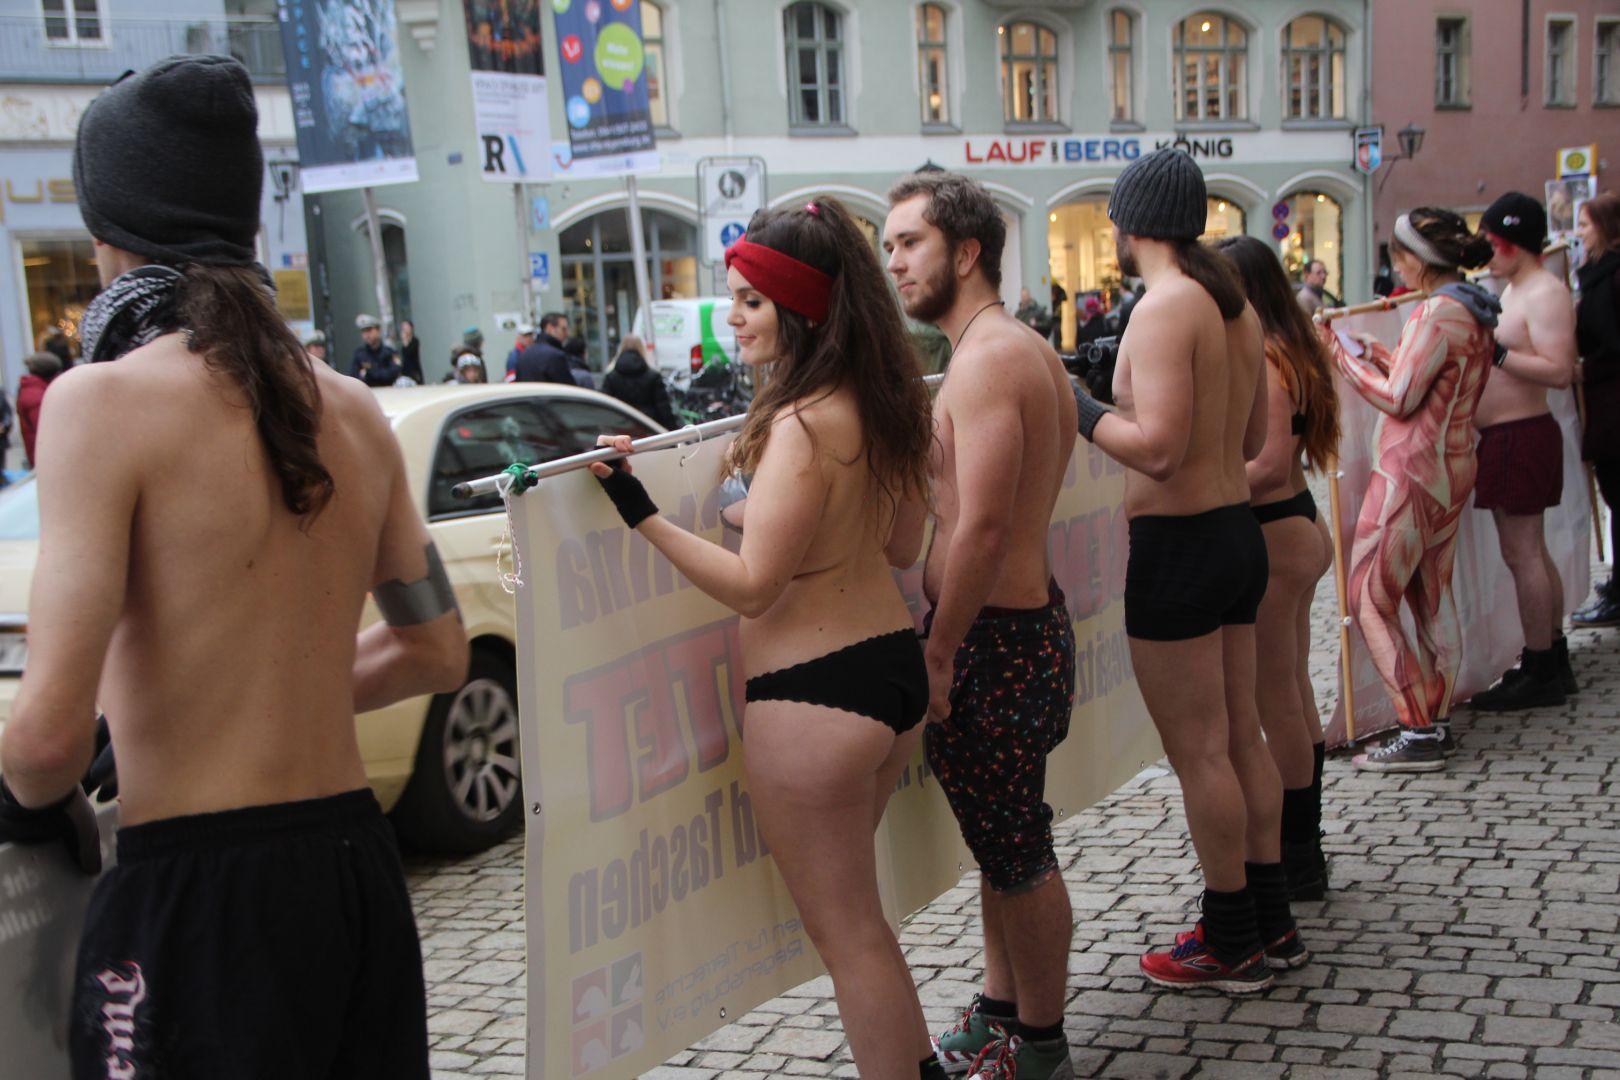 Die frau durch läuft stadt nackt Eine Frau